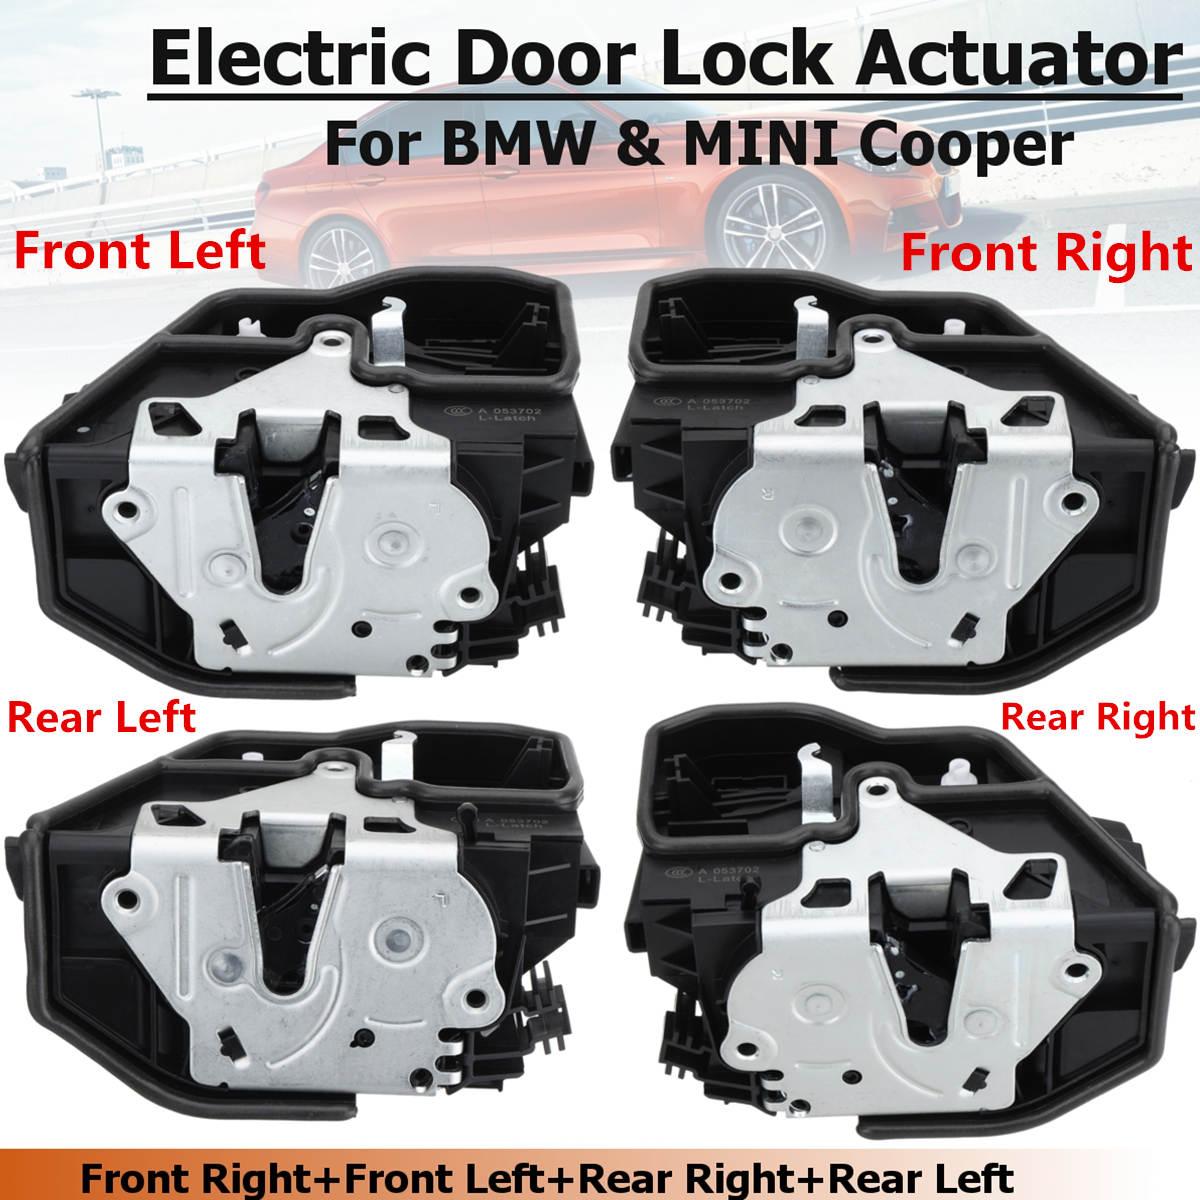 Energía Eléctrica Actuador de pestillo de bloqueo de puerta para BMW X6 E60 E70 E90 OEM 51217202143, 51217202146, 51227202147, 51227202148